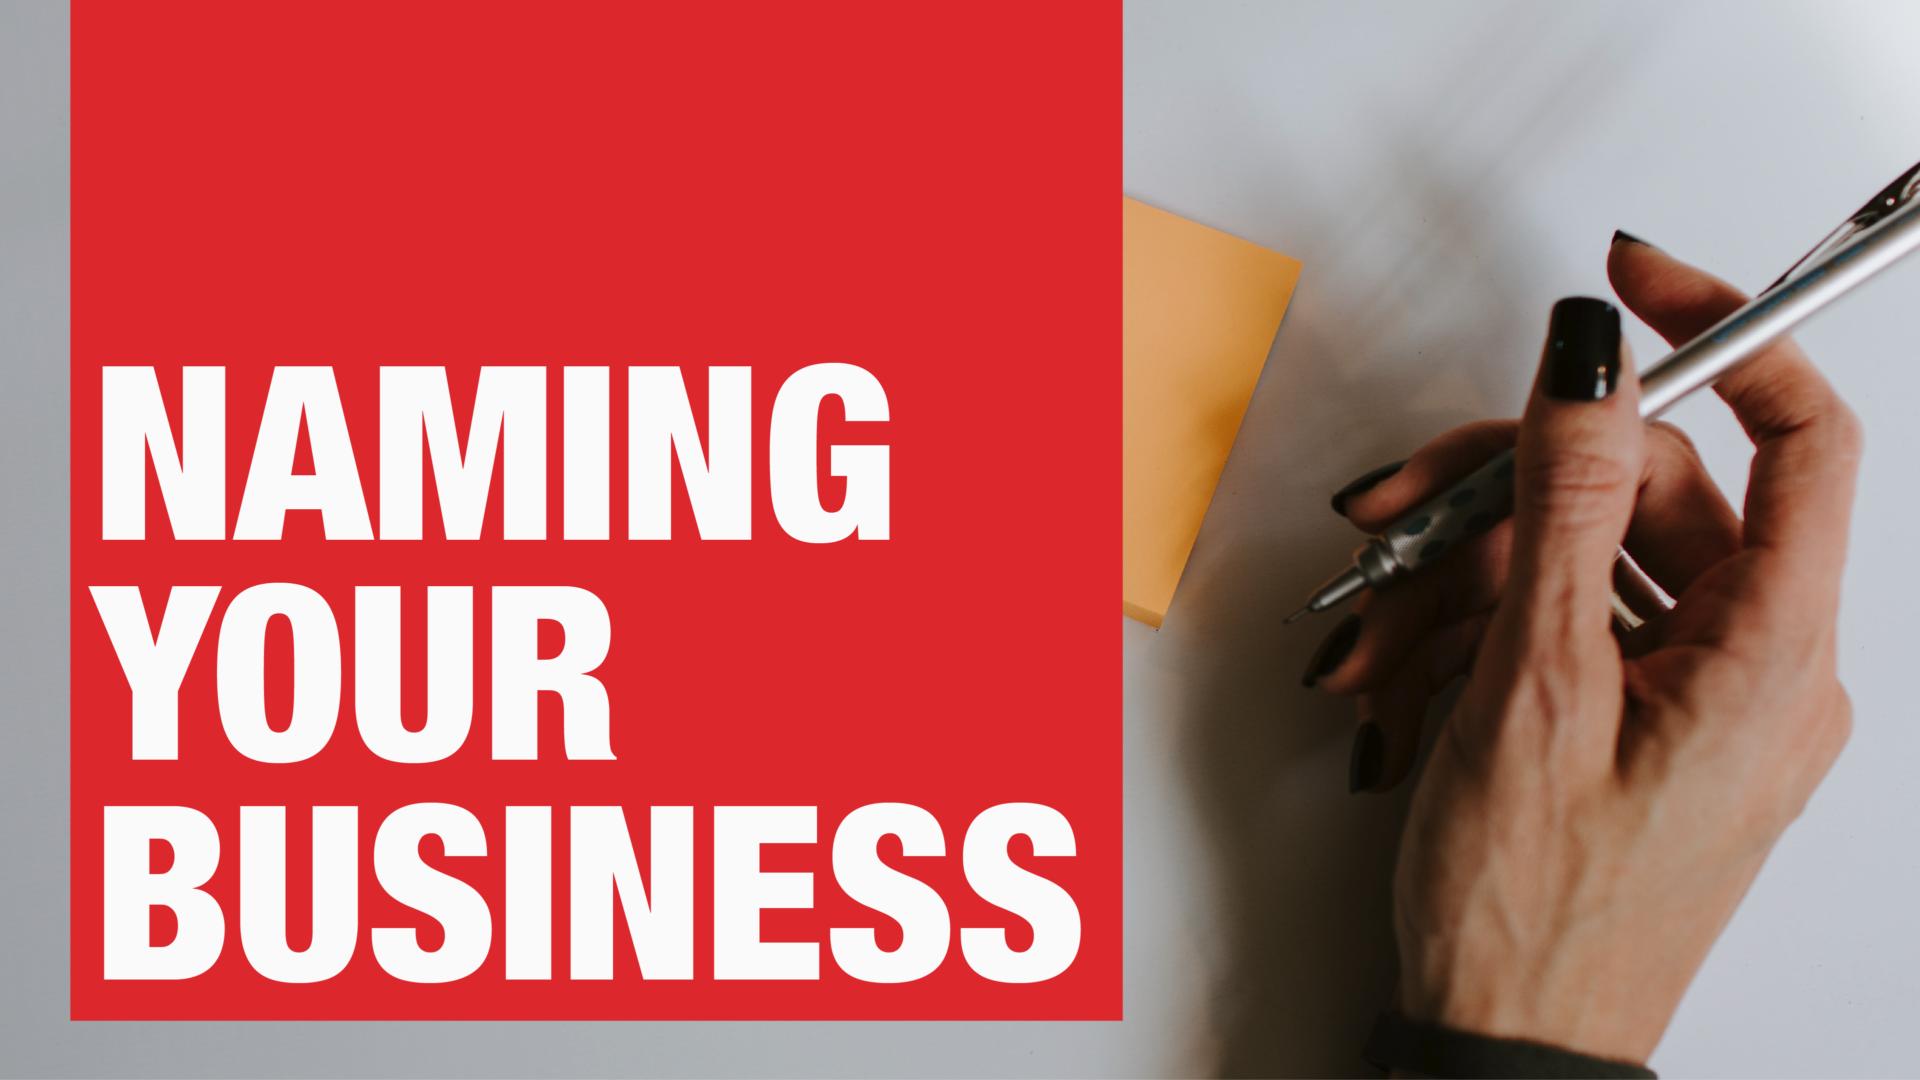 Naming Your Business - Manraj Ubhi